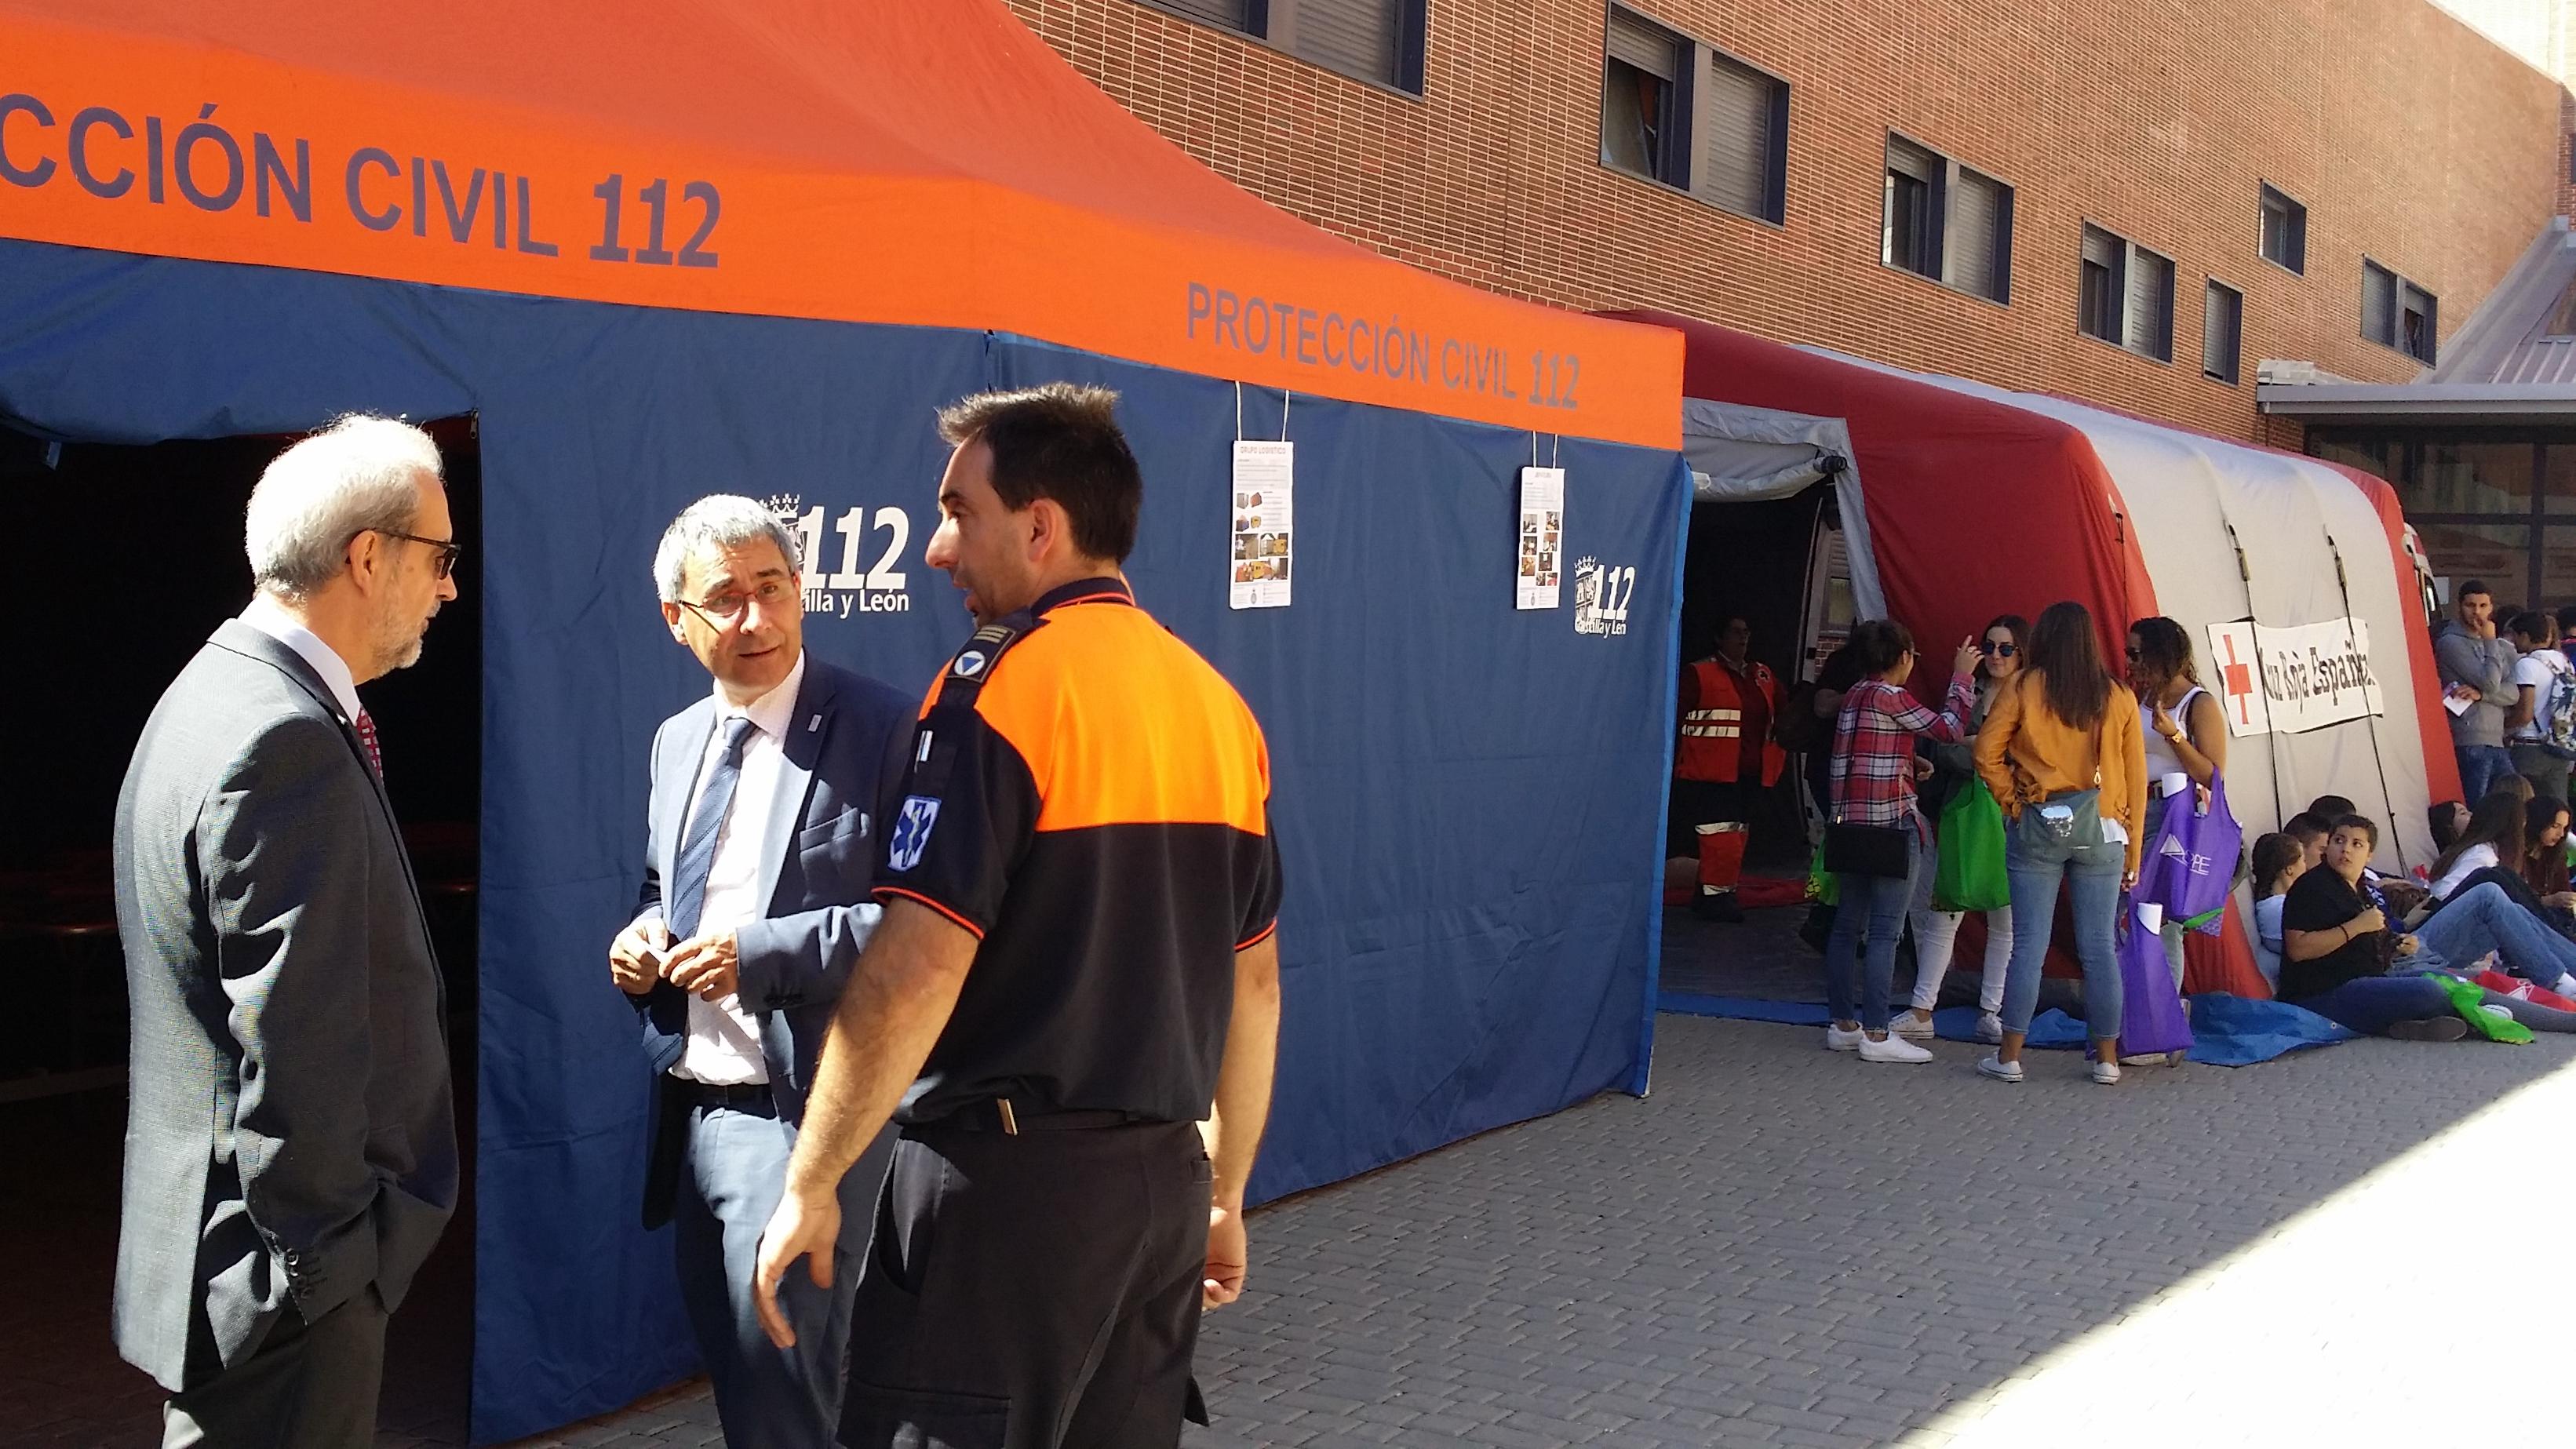 El rector de la Universidad de Salamanca, Daniel Hernández Ruipérez, asiste a la Feria de Bienvenida del Campus de Ávila